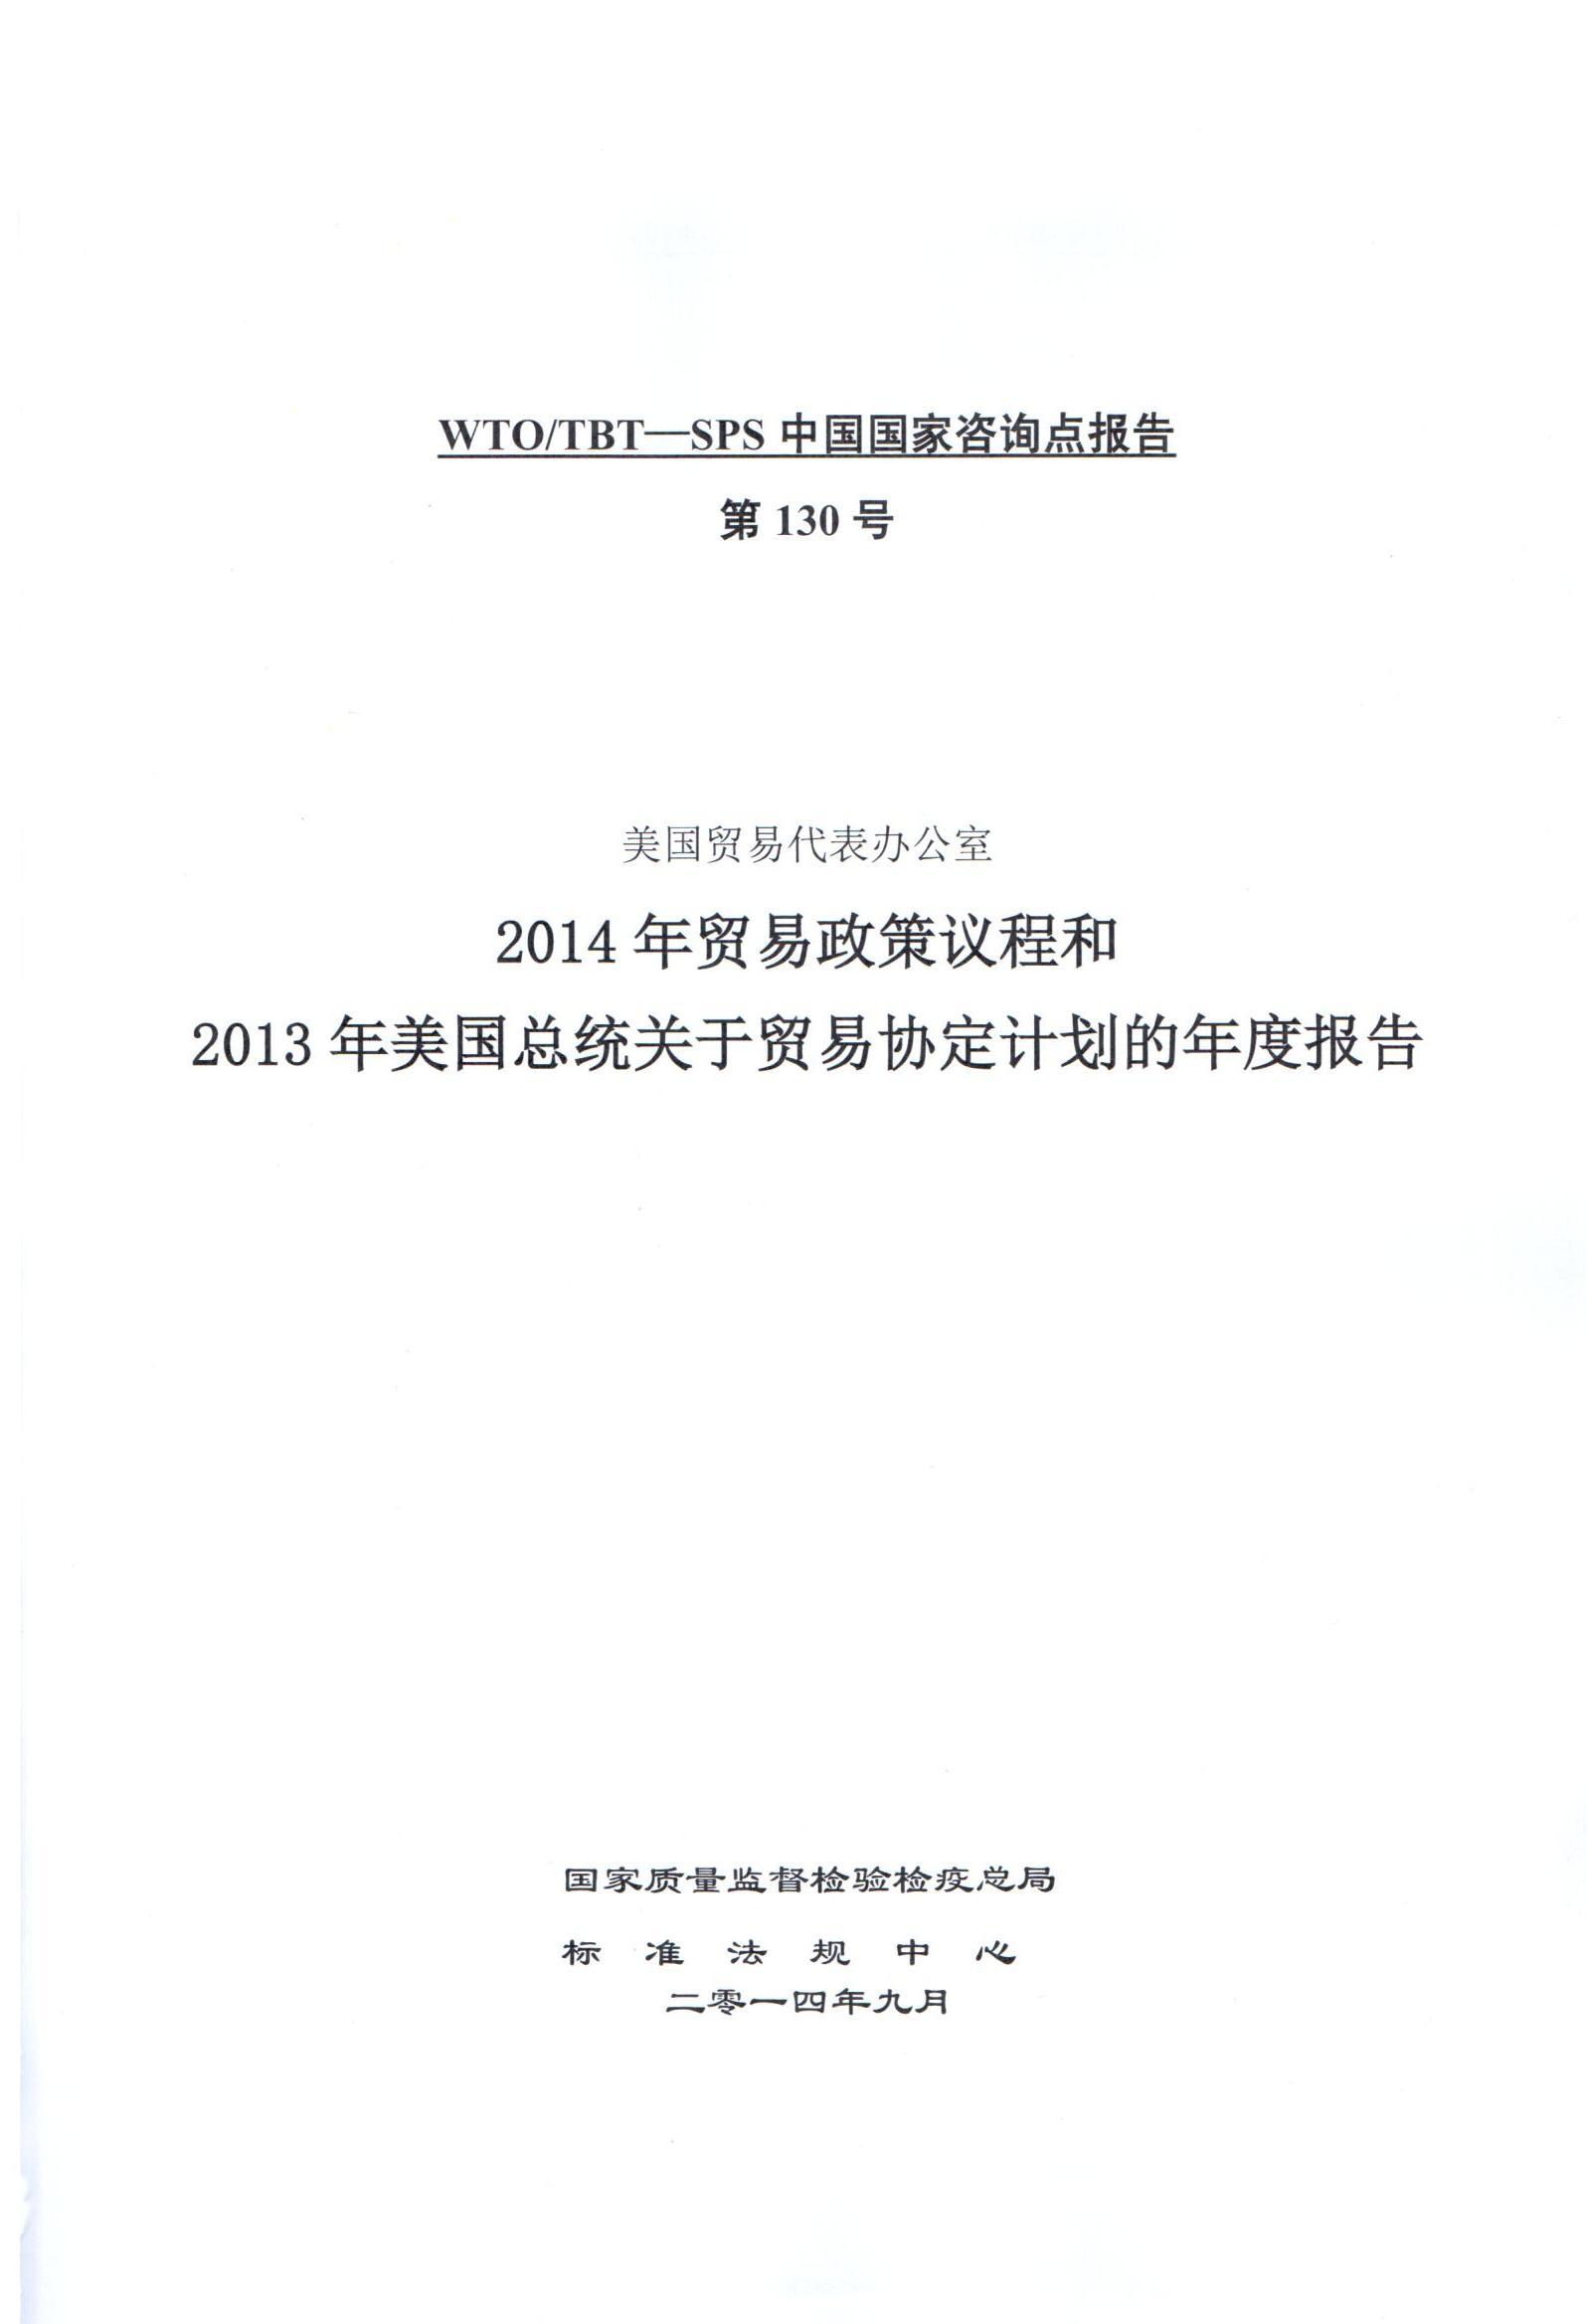 WTO/TBT-SPS 中国国家咨询点报告(第130号)——美国贸易代表办公室 2014年贸易政策议程和2013年美国总统关于贸易协定计划的年度报告